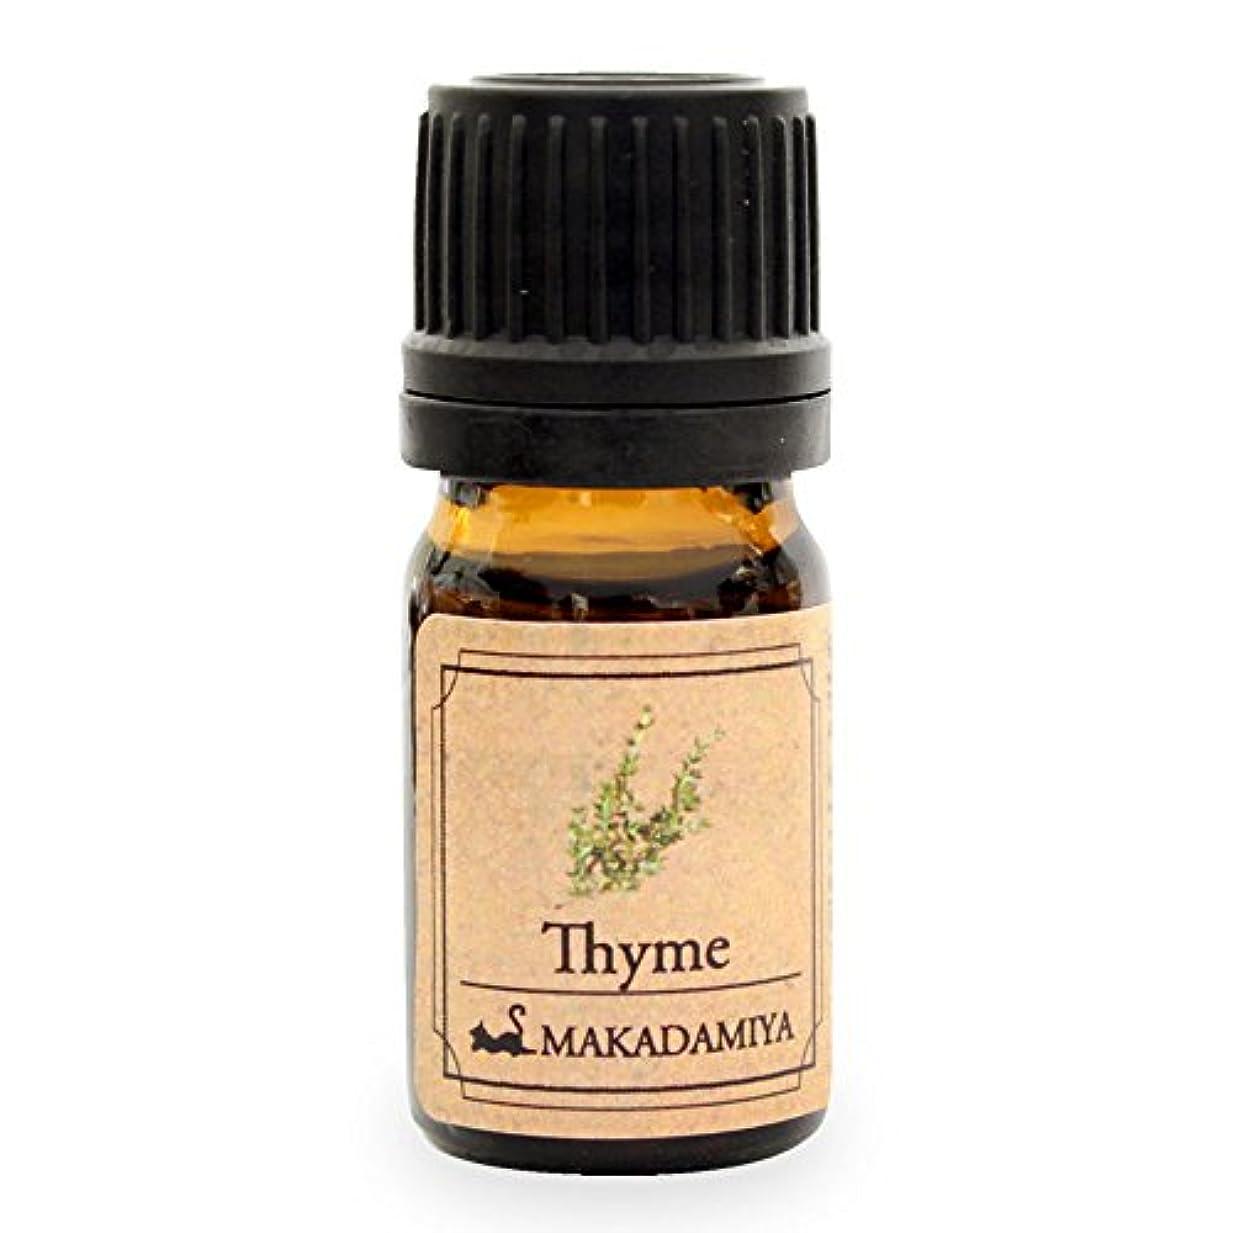 重要性意気揚々暴露するタイム10ml 天然100%植物性 エッセンシャルオイル(精油) アロマオイル aroma Thyme